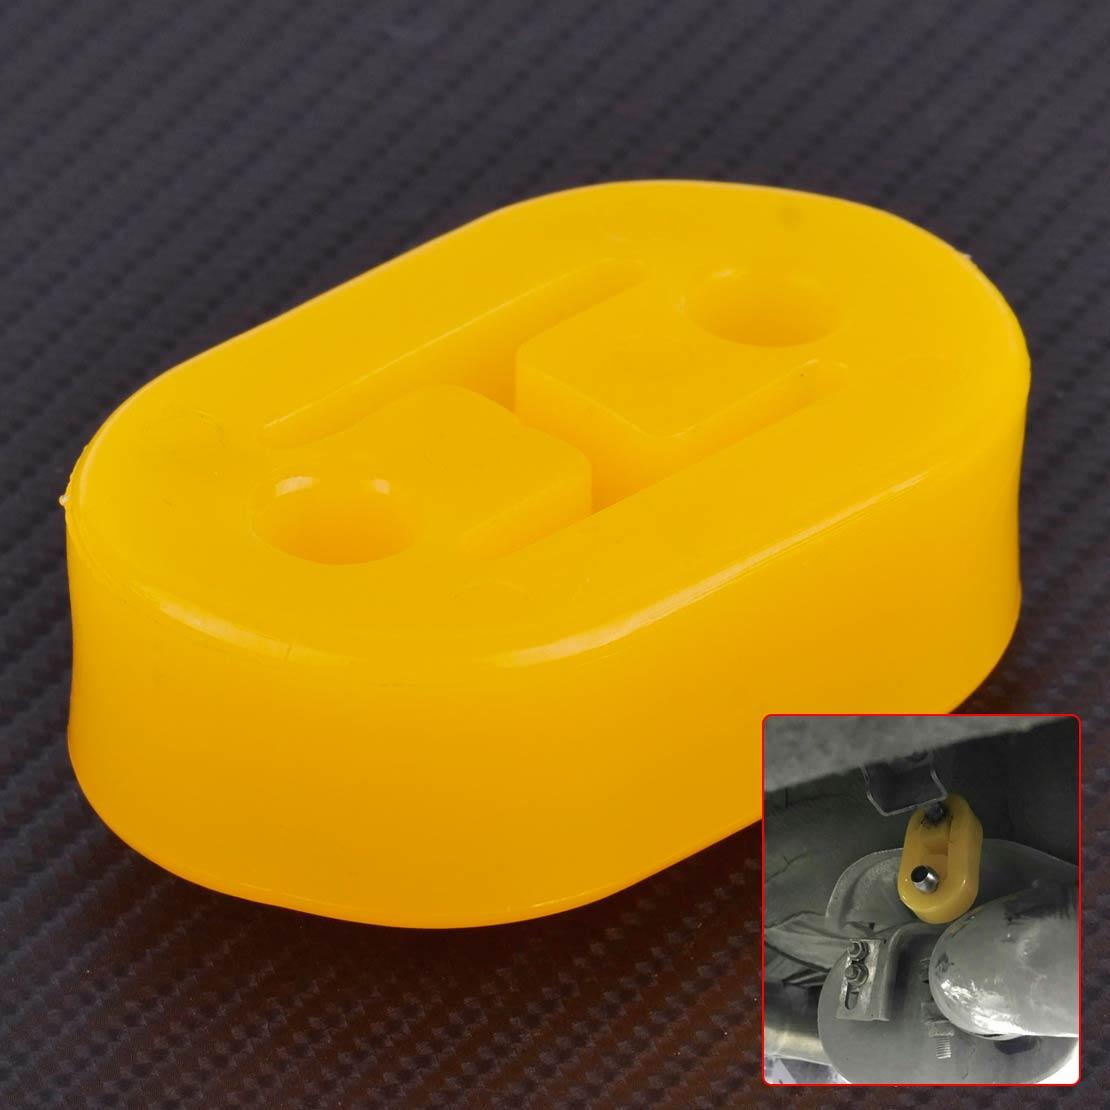 Carro Universal Amarelo Forma H 2 Buraco tubo de Escape de Borracha Montar Suportes de Cabide para Substituir VW Golf Audi Mazda Hyundai honda